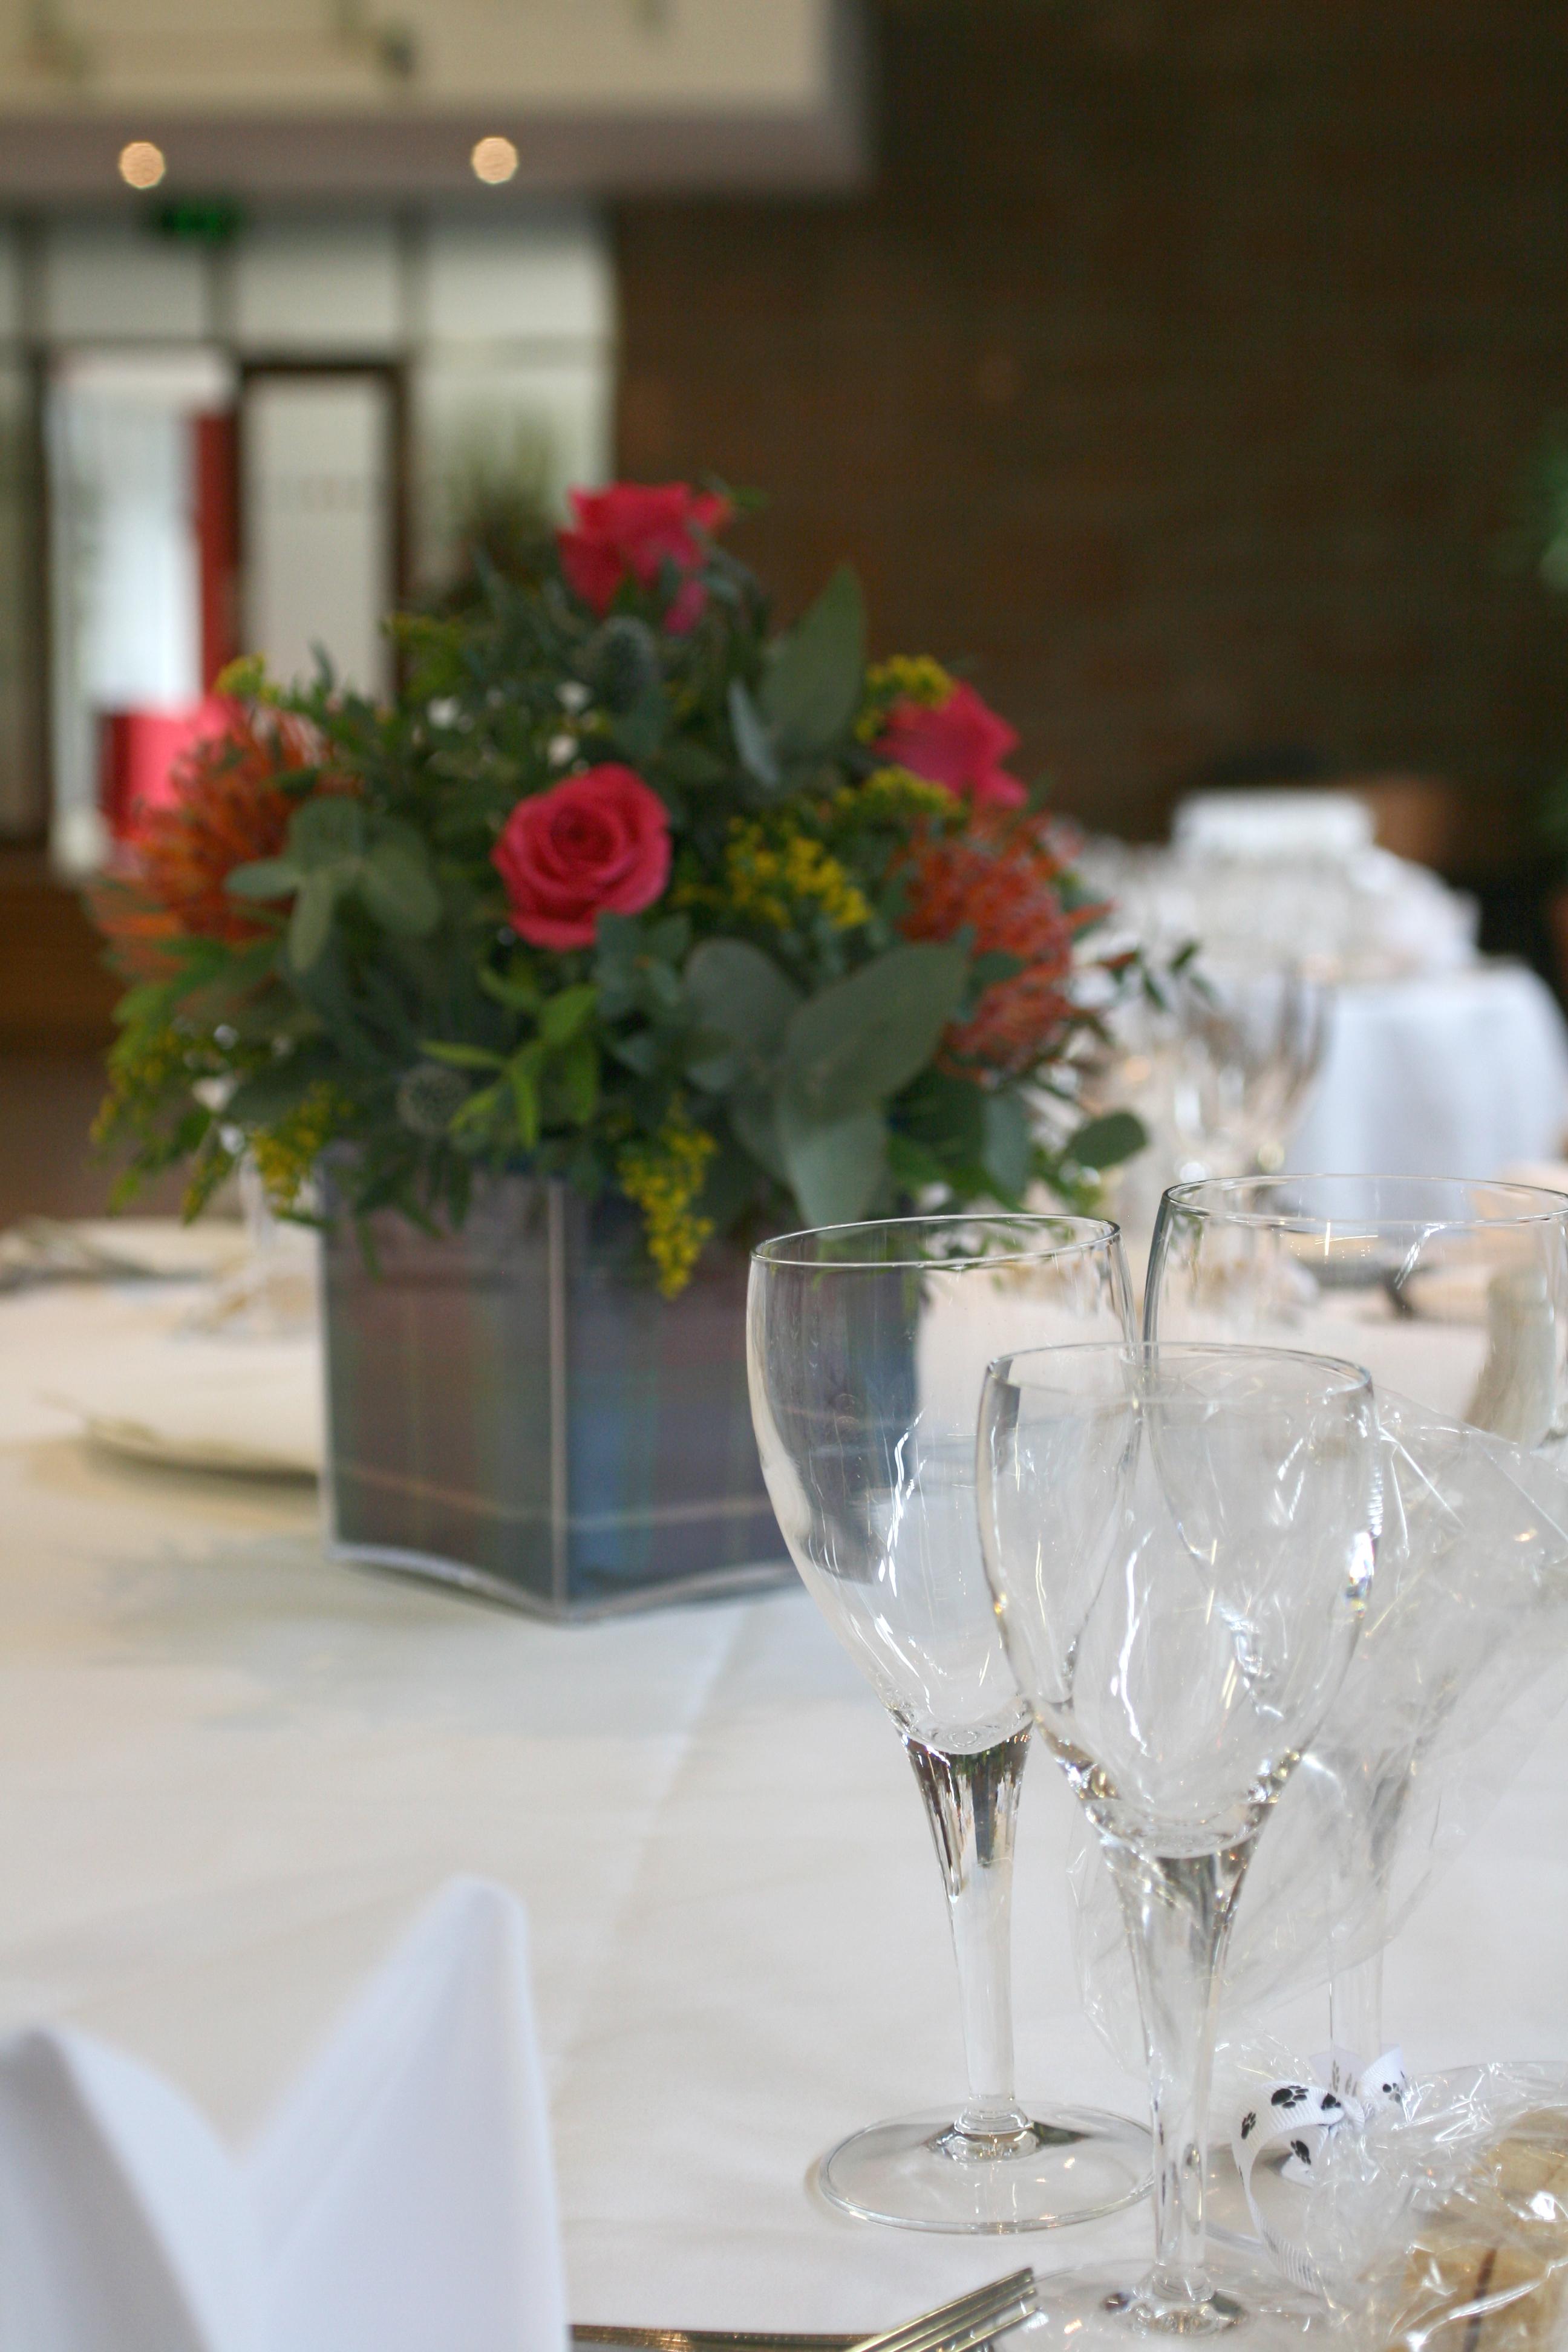 Scottish table arrangements